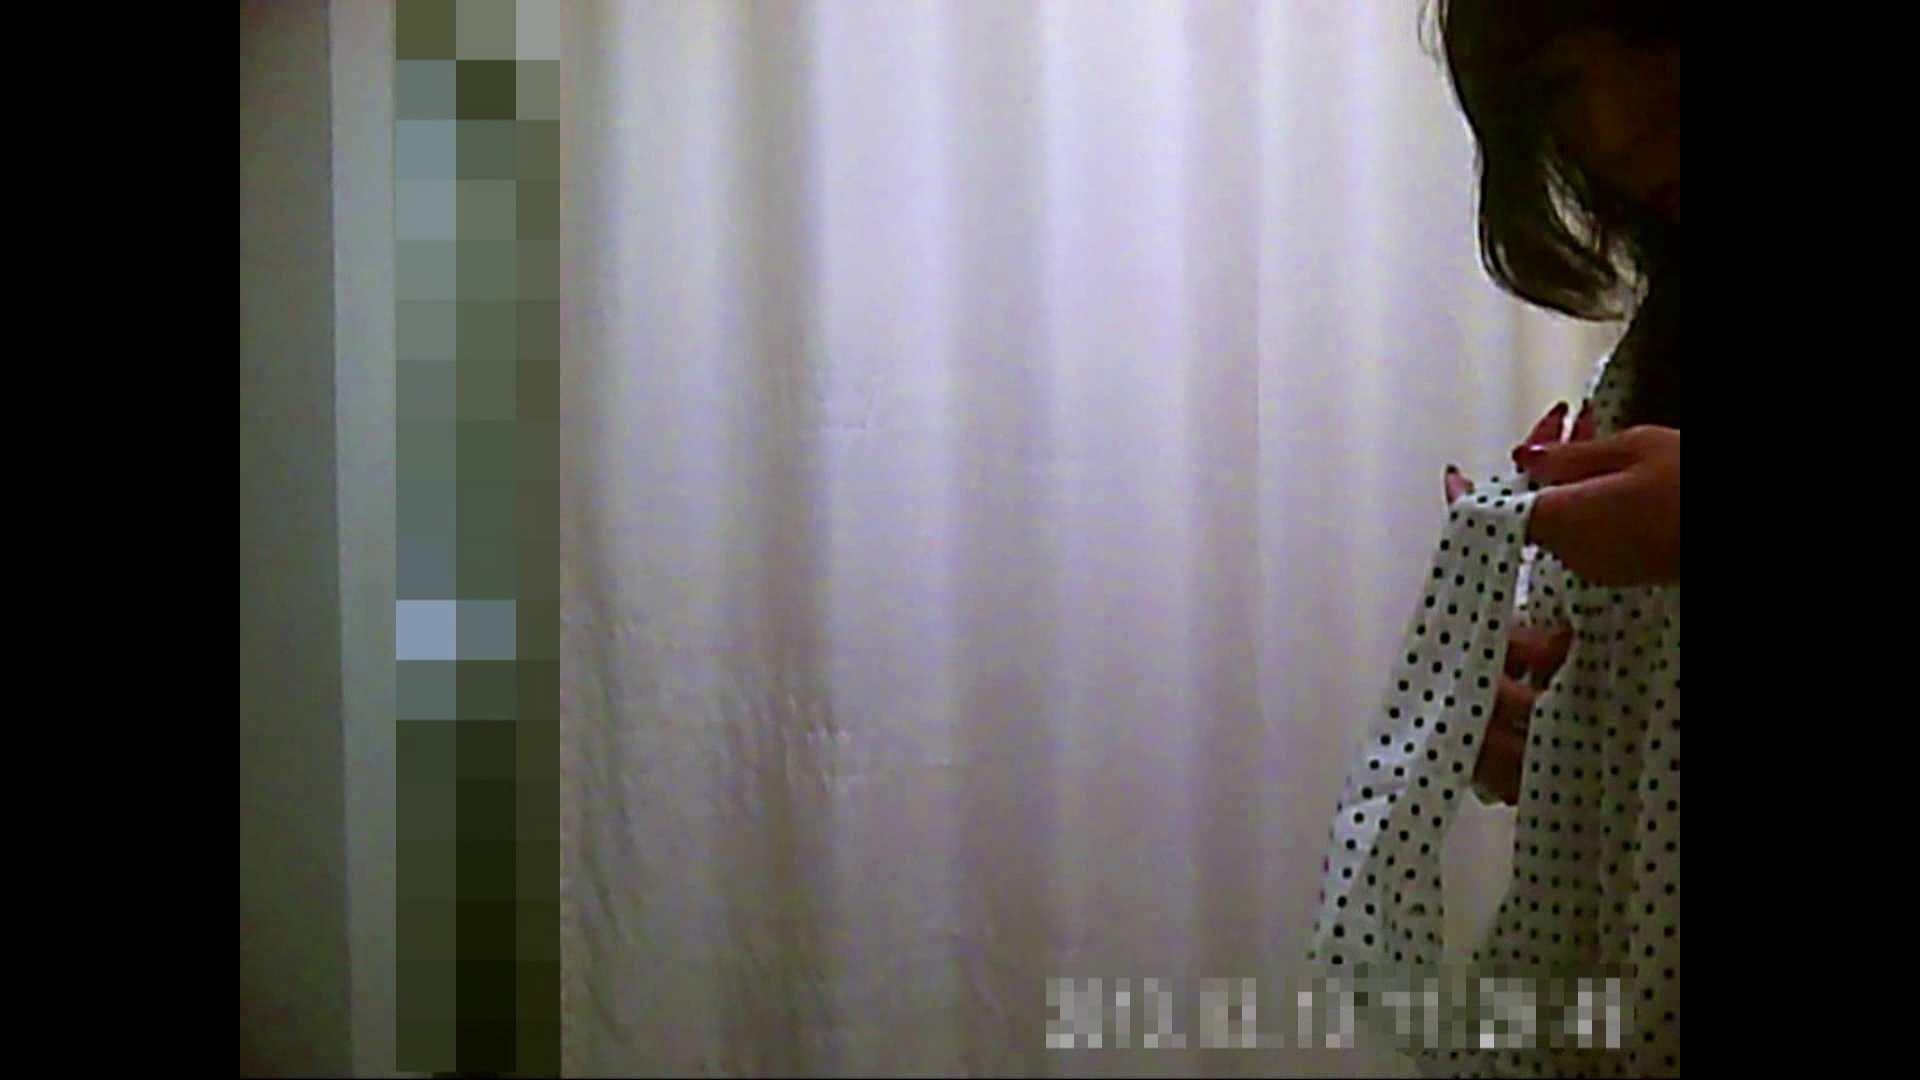 元医者による反抗 更衣室地獄絵巻 vol.097 OLハメ撮り  39Pix 32